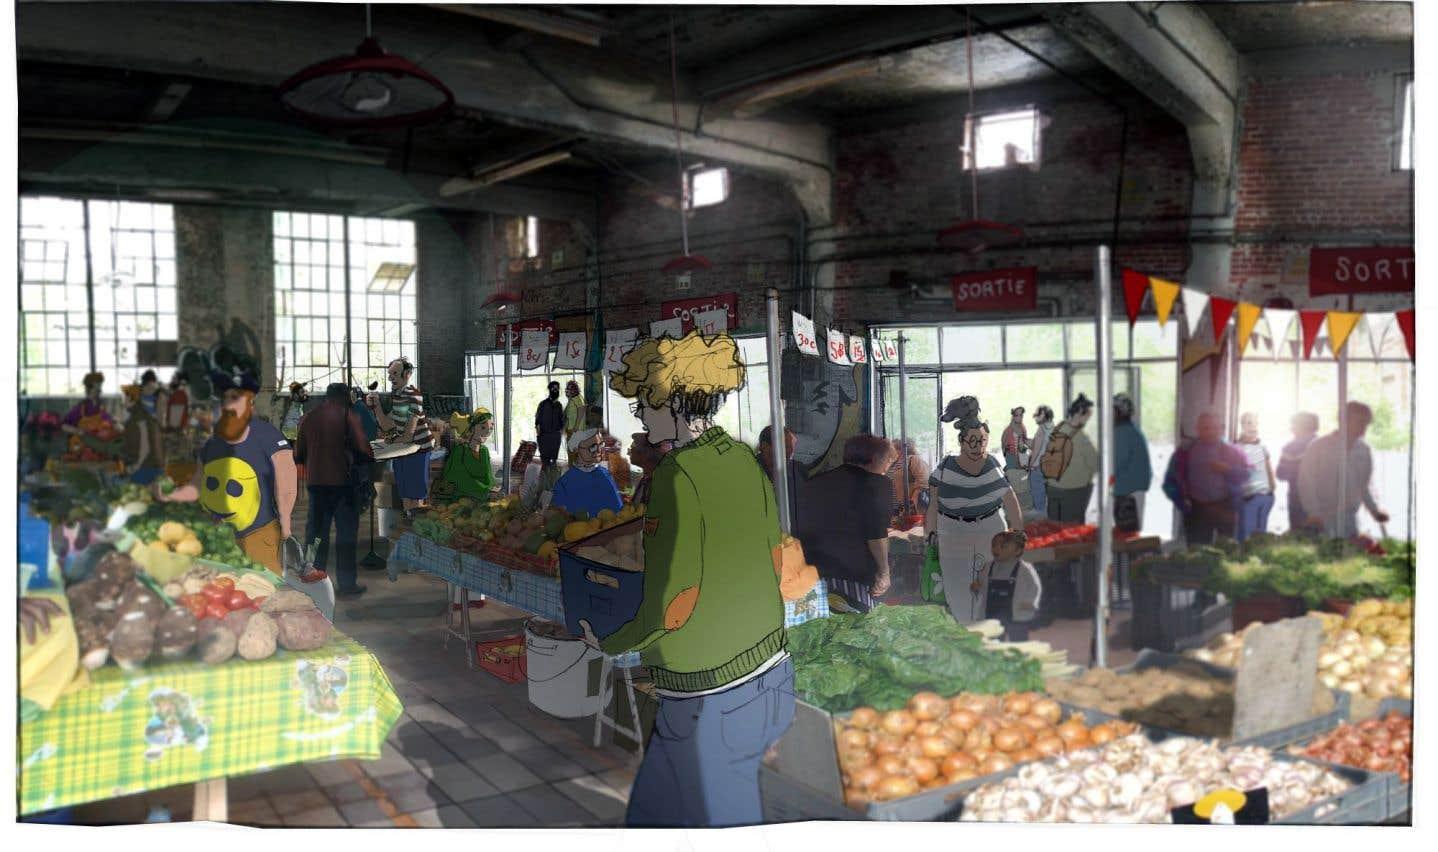 L'Oil Store, un édifice détaché du reste, au bout du bâtiment, accueillera une serre intérieure, un espace collaboratif culinaire et une aire polyvalente, où se tiendront des événements et des marchés fermiers.